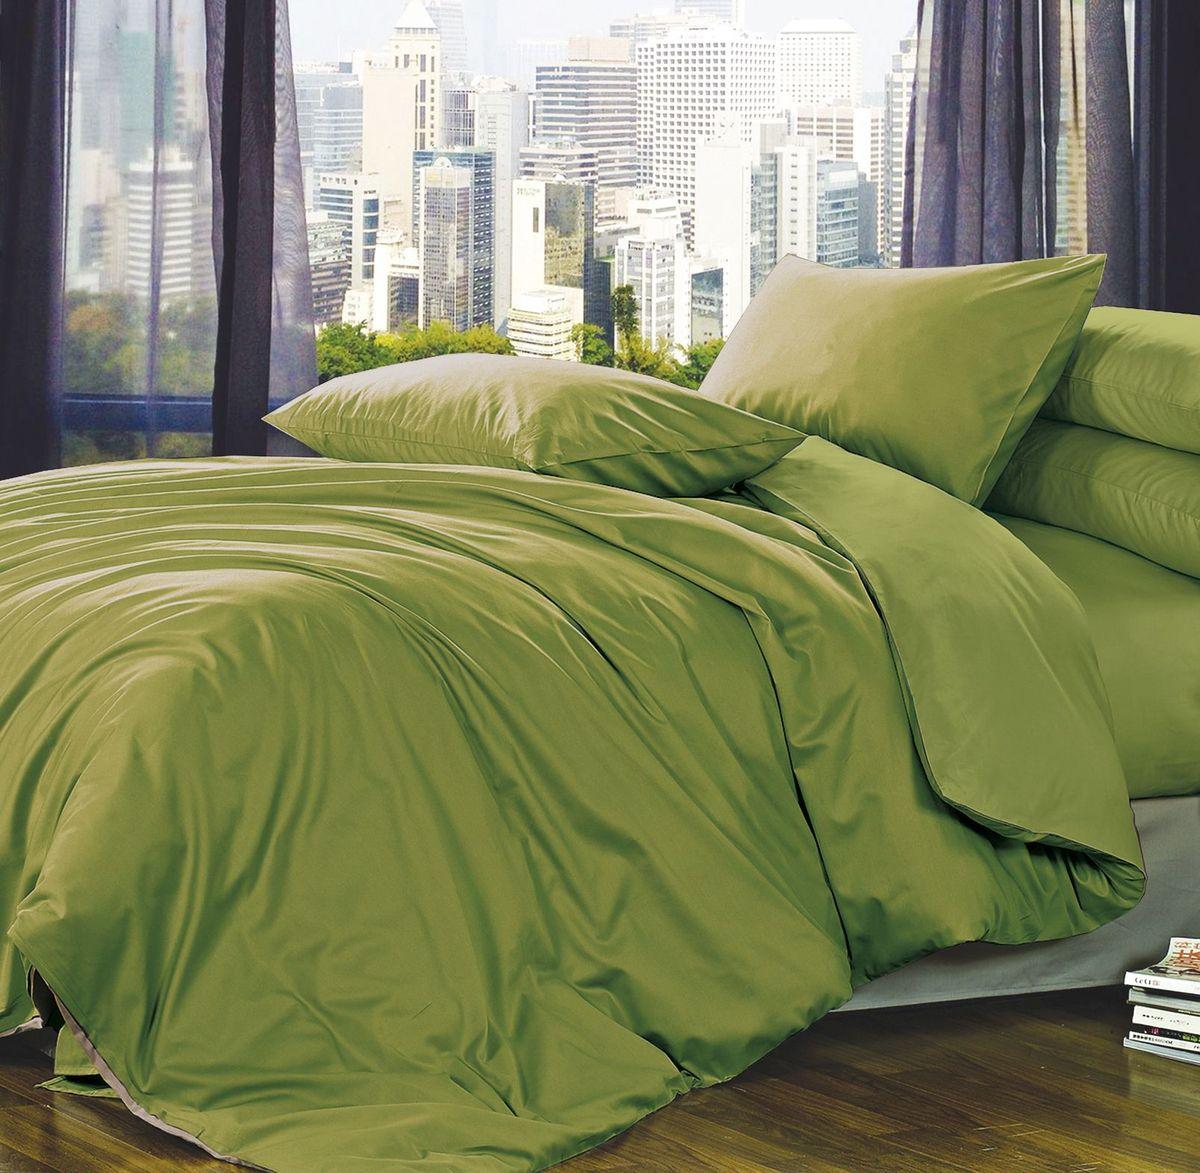 Комплект белья Коллекция Зеленый, 2-спальный, наволочки 70x70 см85317Комплект постельного белья Коллекция Зеленый выполнен из полисатина. Комплект состоит из пододеяльника, простыни и двух наволочек. Тонкое, средней плотности, с шелковистой поверхностью и приятным блеском постельное белье устойчиво к износу, не выгорает, не линяет, рассчитано на многократные стирки. Двойная скрутка волокон позволяет получать довольно плотный, прочный на разрыв материал. Легко отстирывается, быстро сохнет и самой важно для хозяек - не мнется!